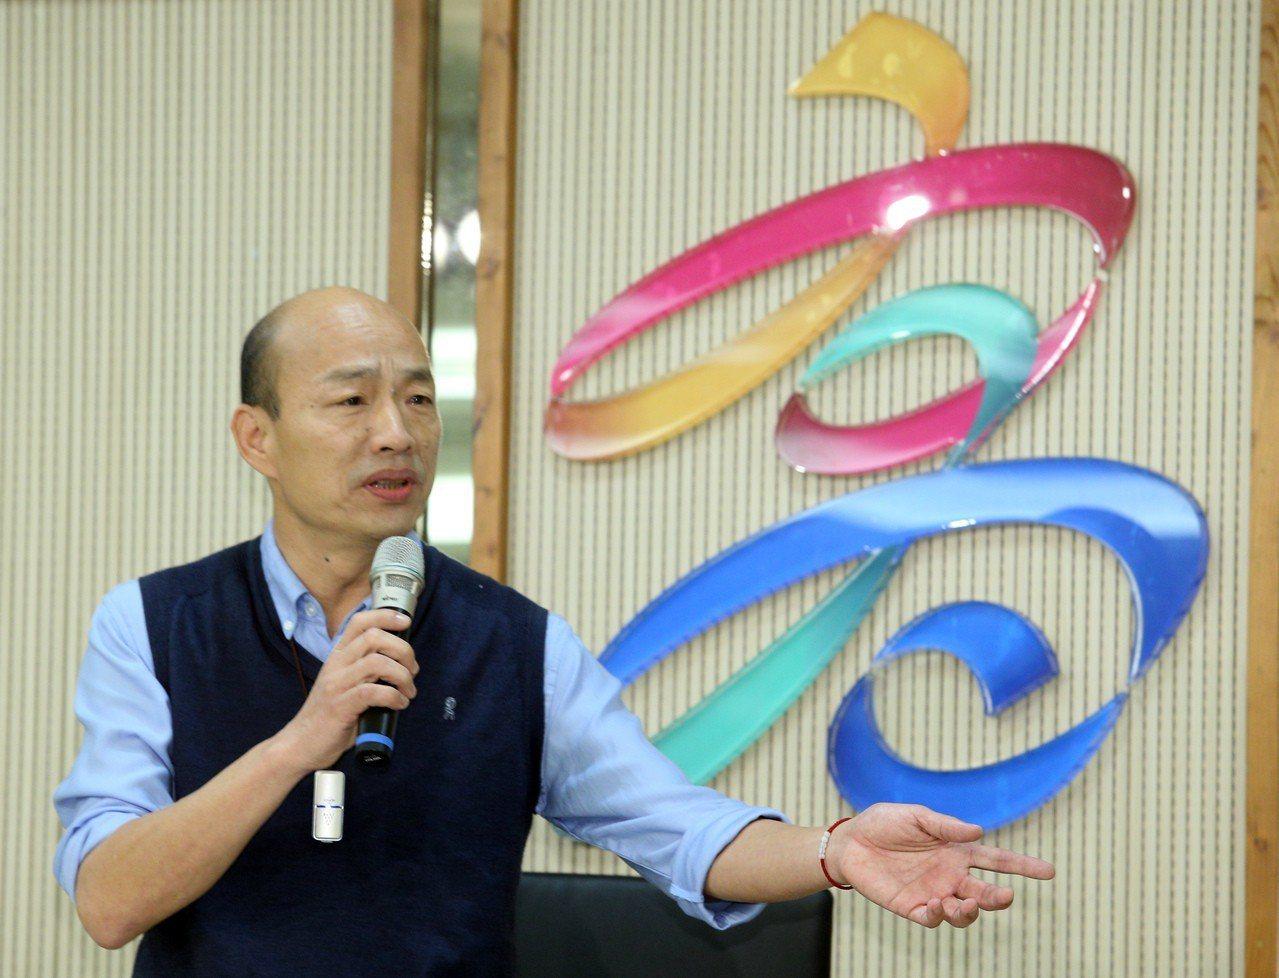 高雄市長韓國瑜昨天發表聲明,他無法參與現行國民黨的初選機制。記者劉學聖/攝影